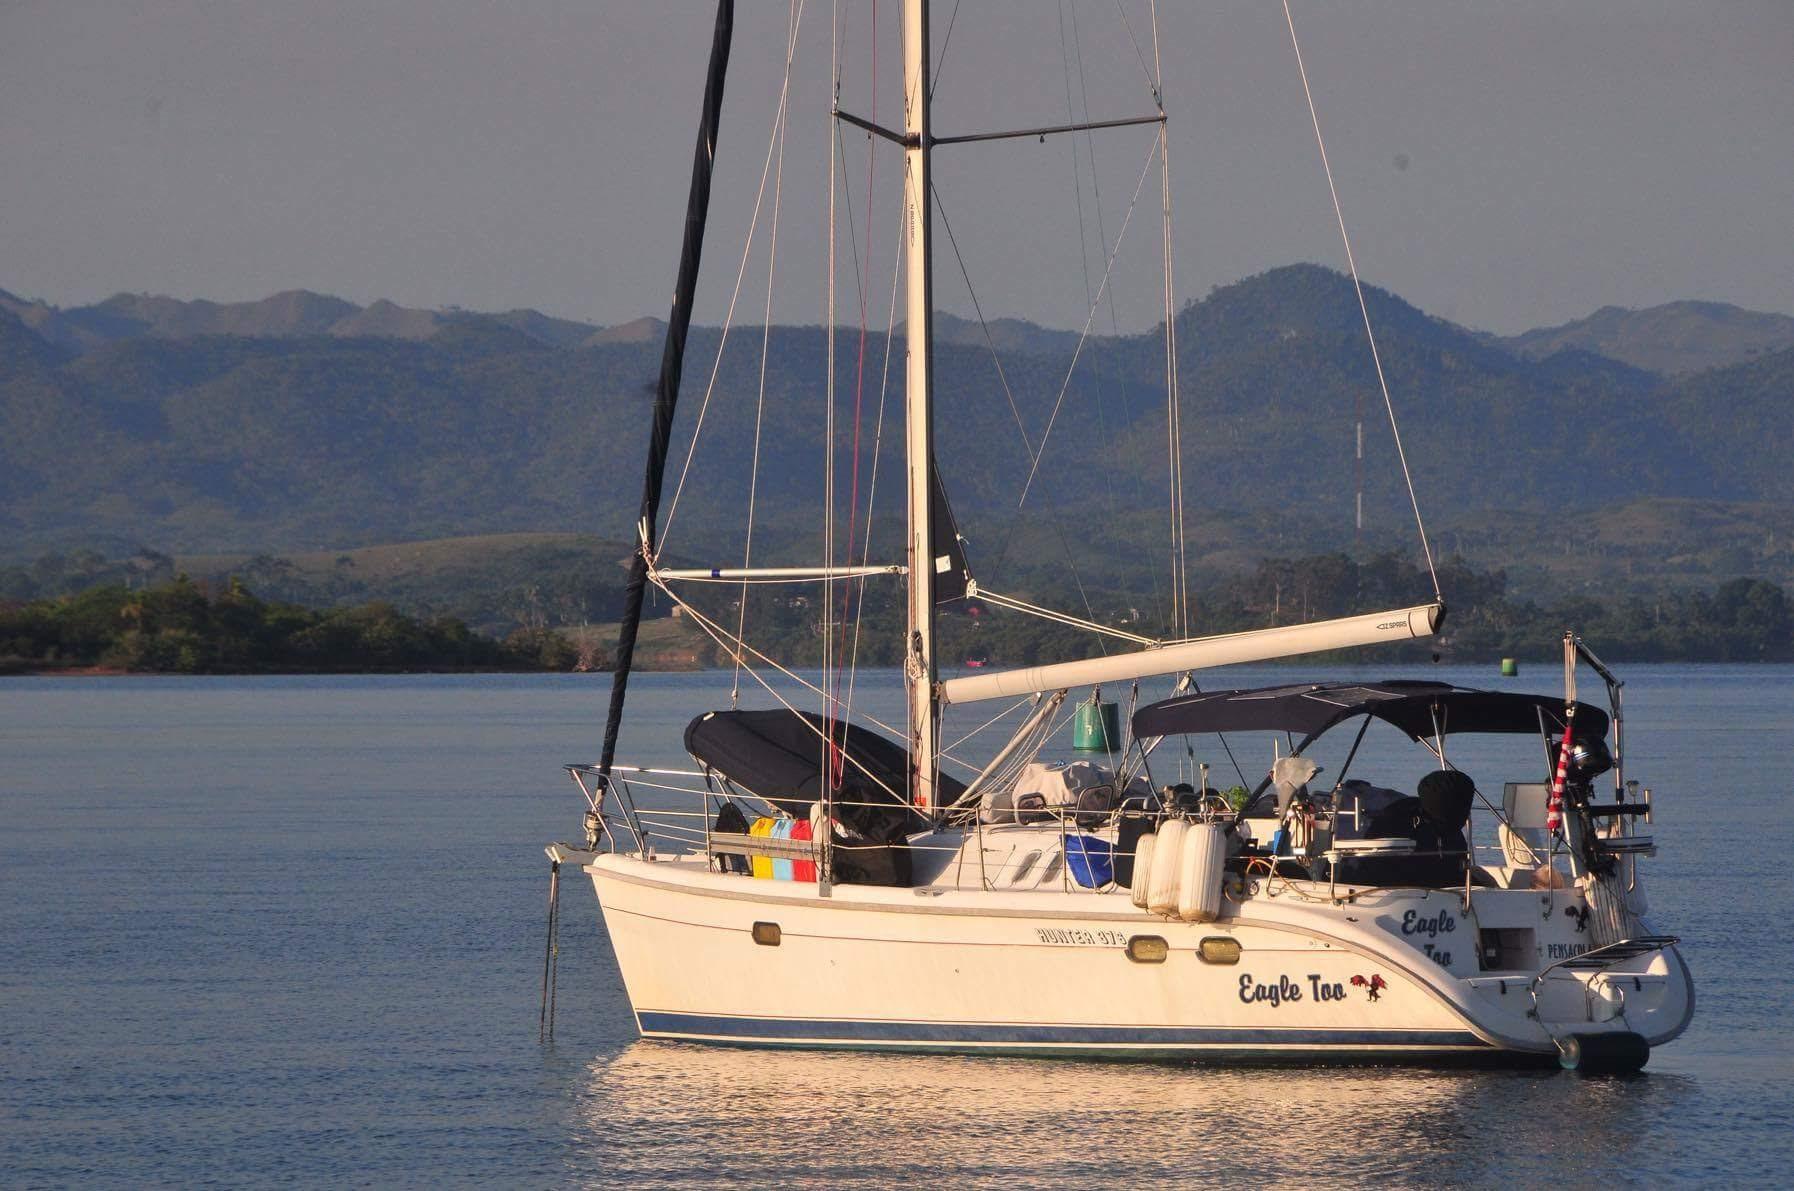 Eagle Too in full cruising trim at anchor in Bahia Honda, Cuba in May 2016